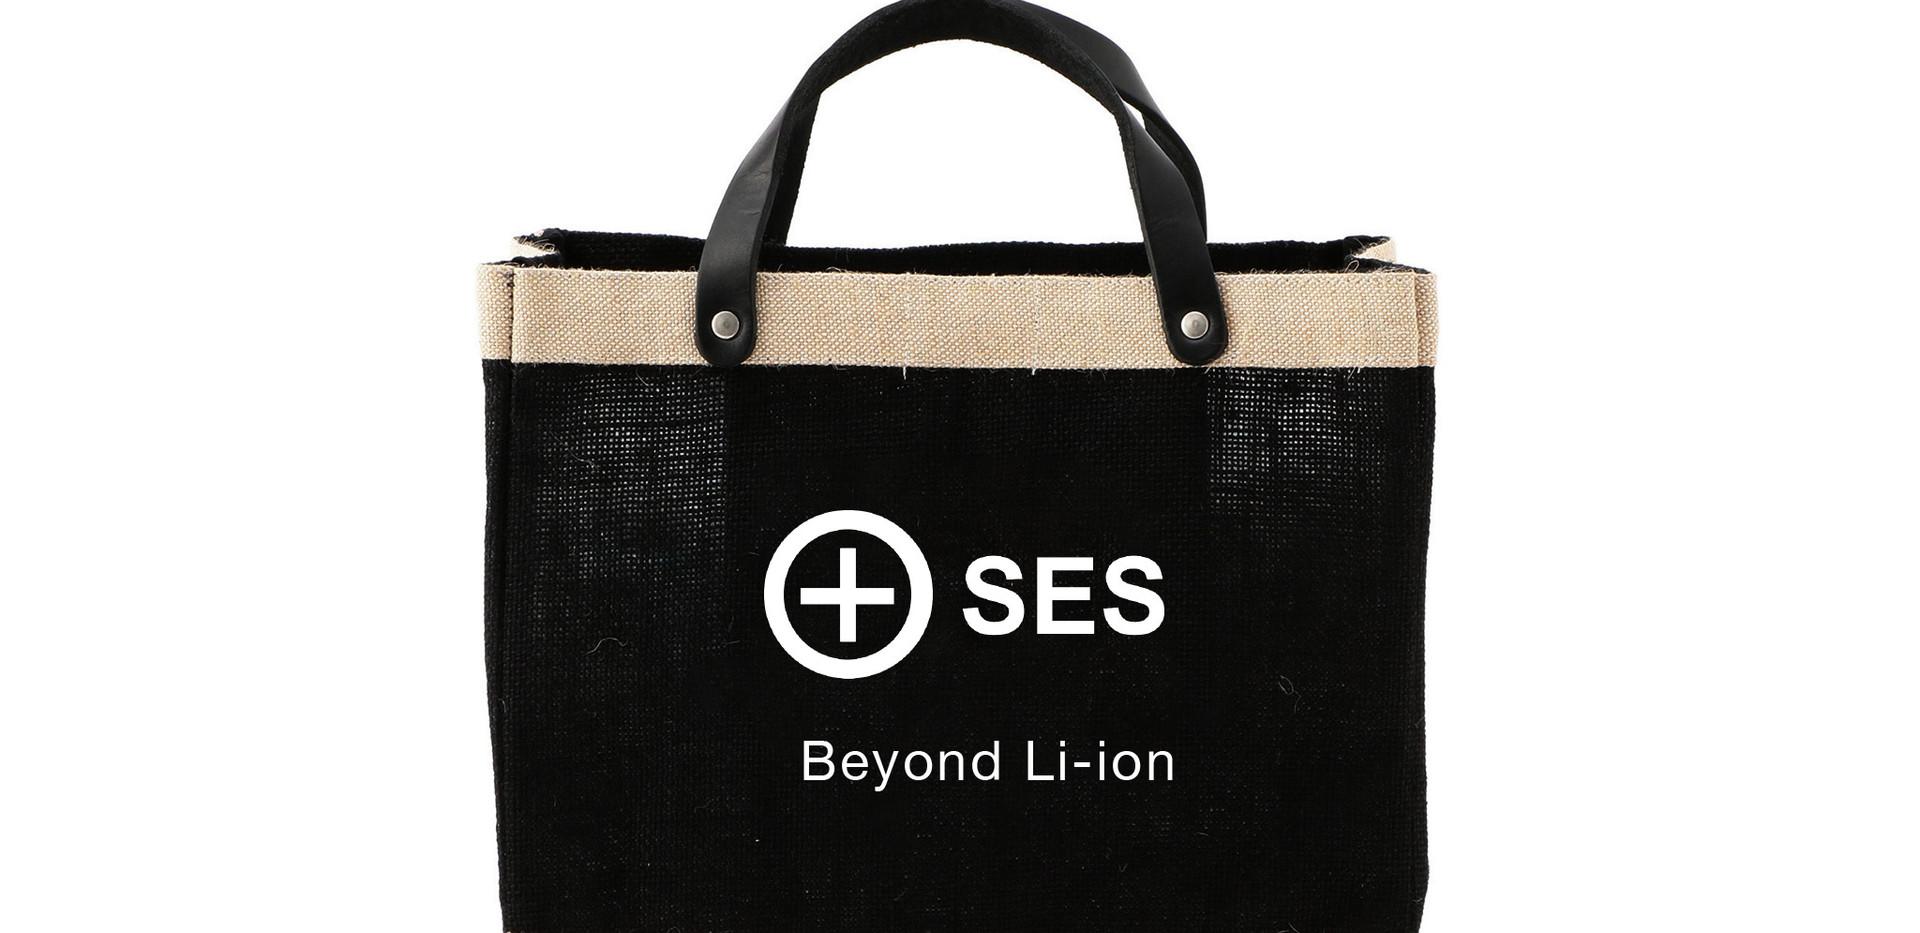 SES-Black-lunch-bag-front-flat-mockup (1